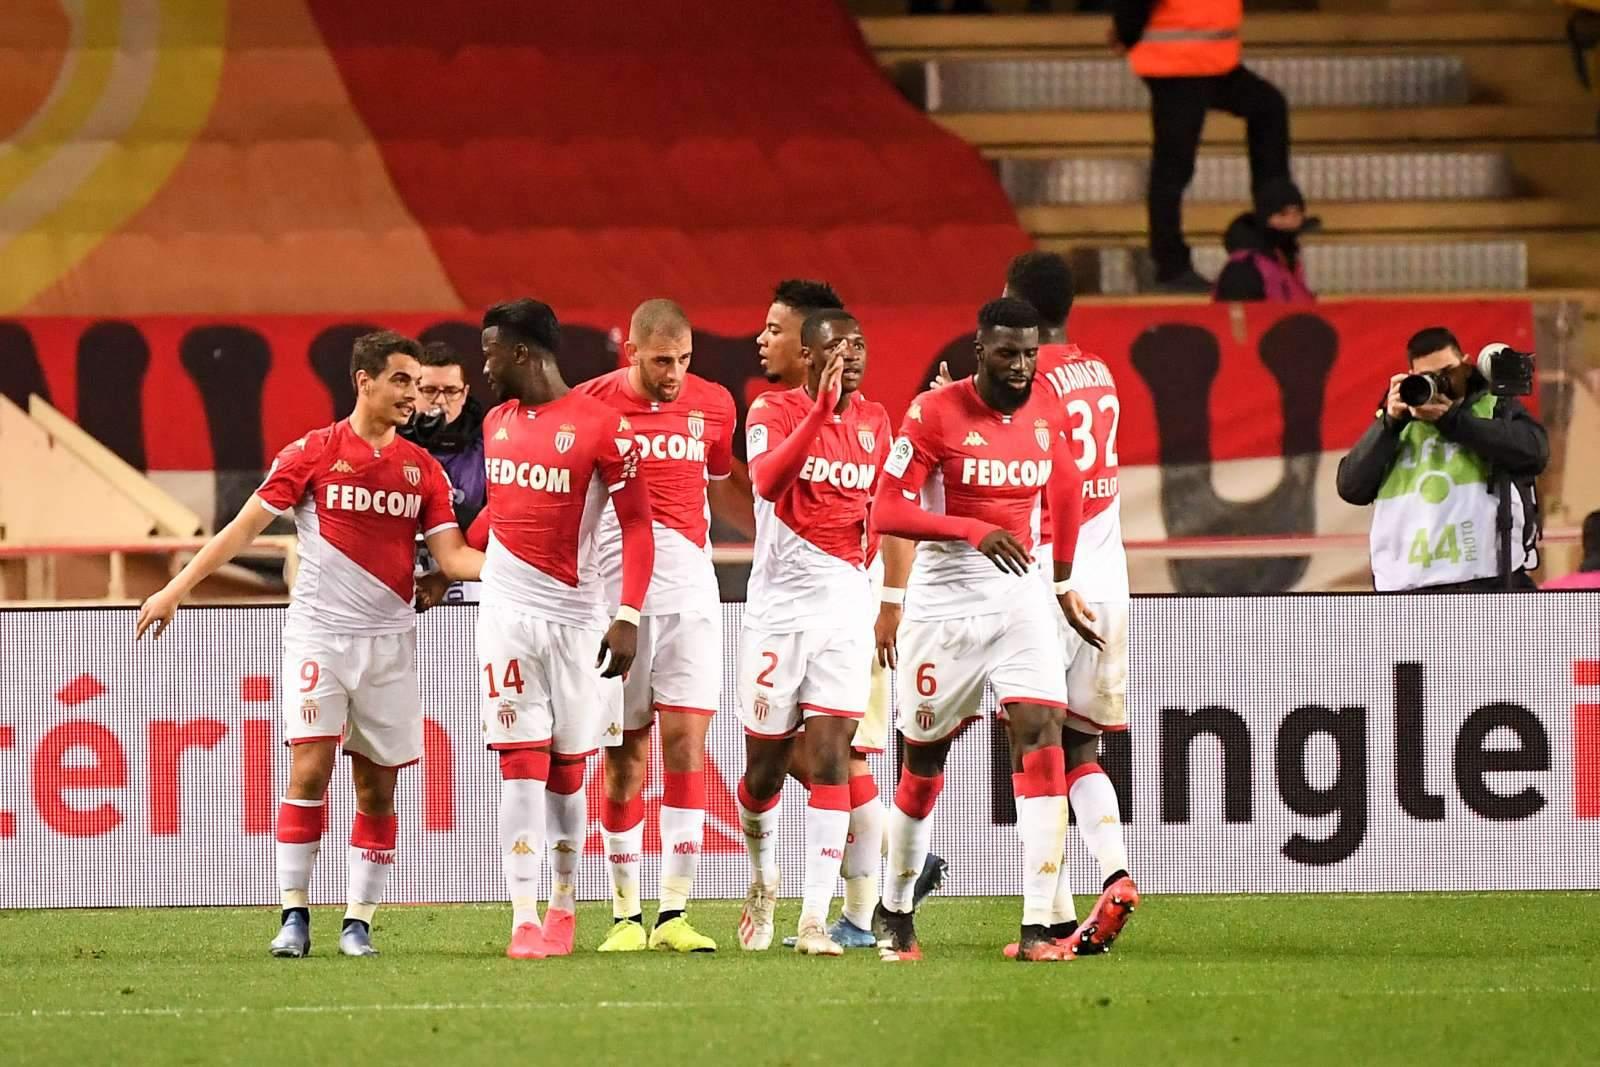 «Монако» с Головиным снова разгромно победил, «ПСЖ» и «Лилль» набрали по три очка